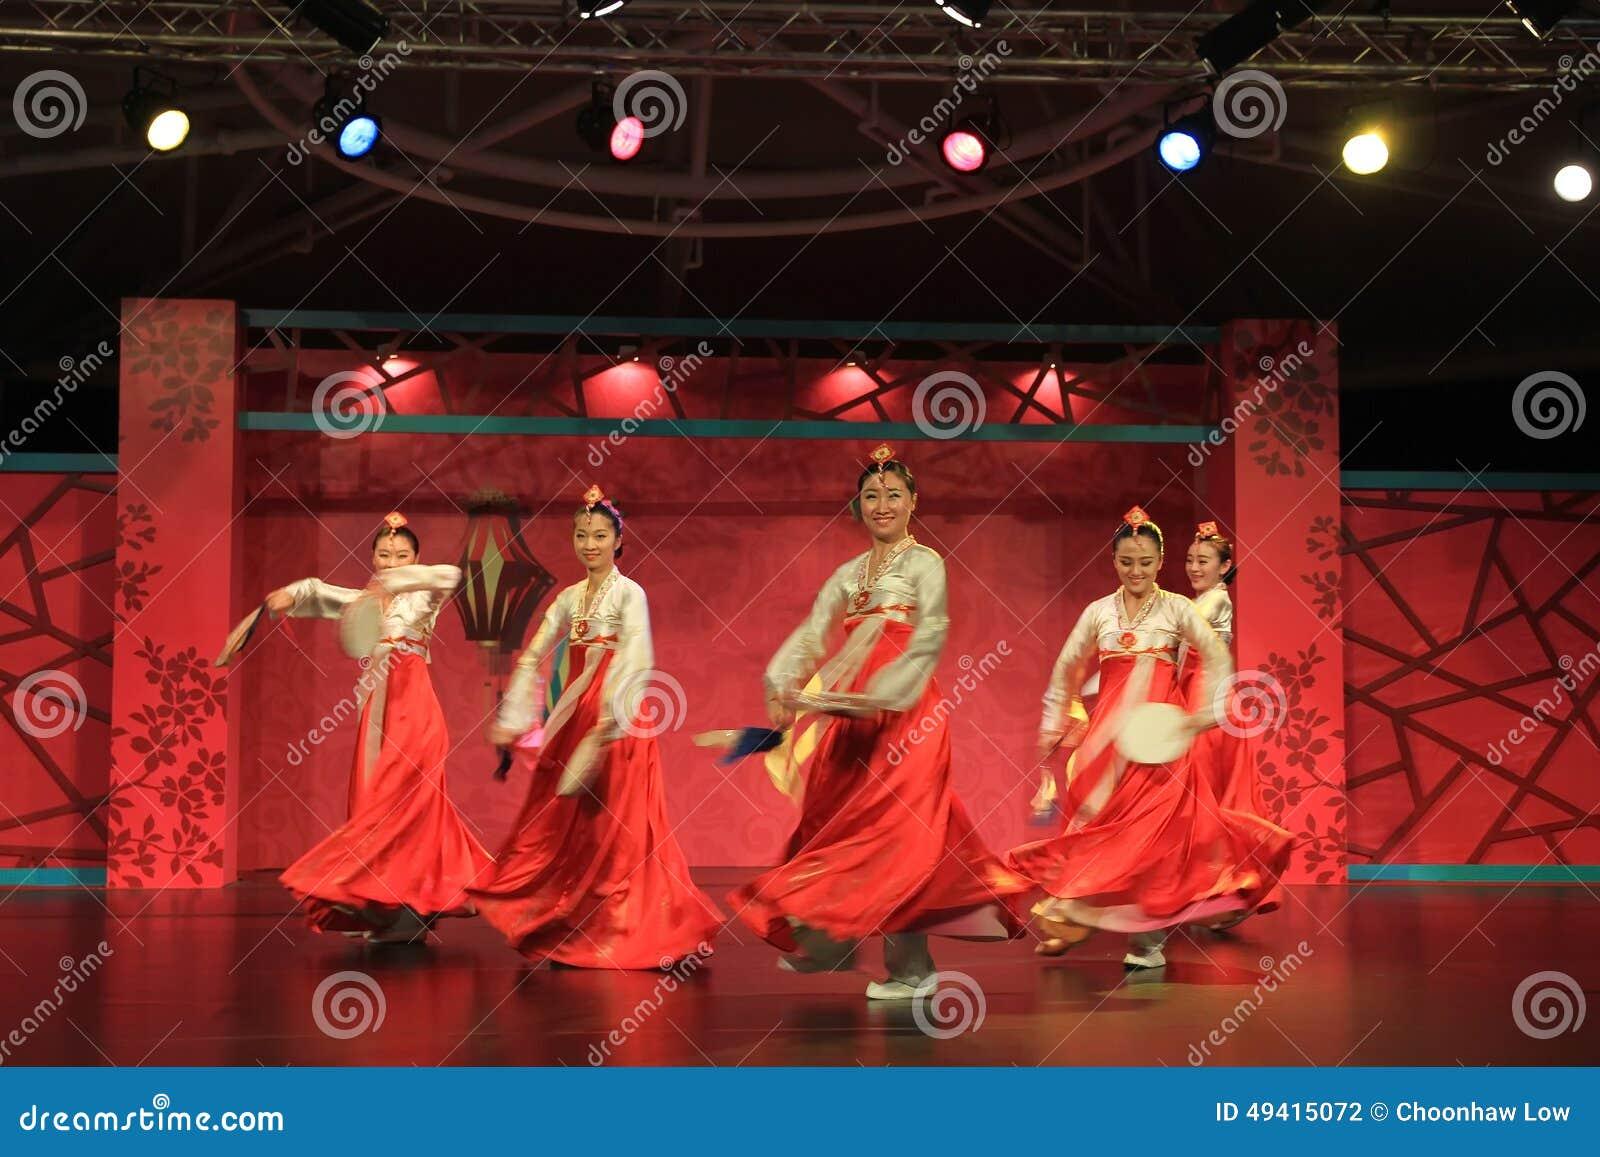 Download Koreanischer Tanz 1 redaktionelles stockfotografie. Bild von provinz - 49415072